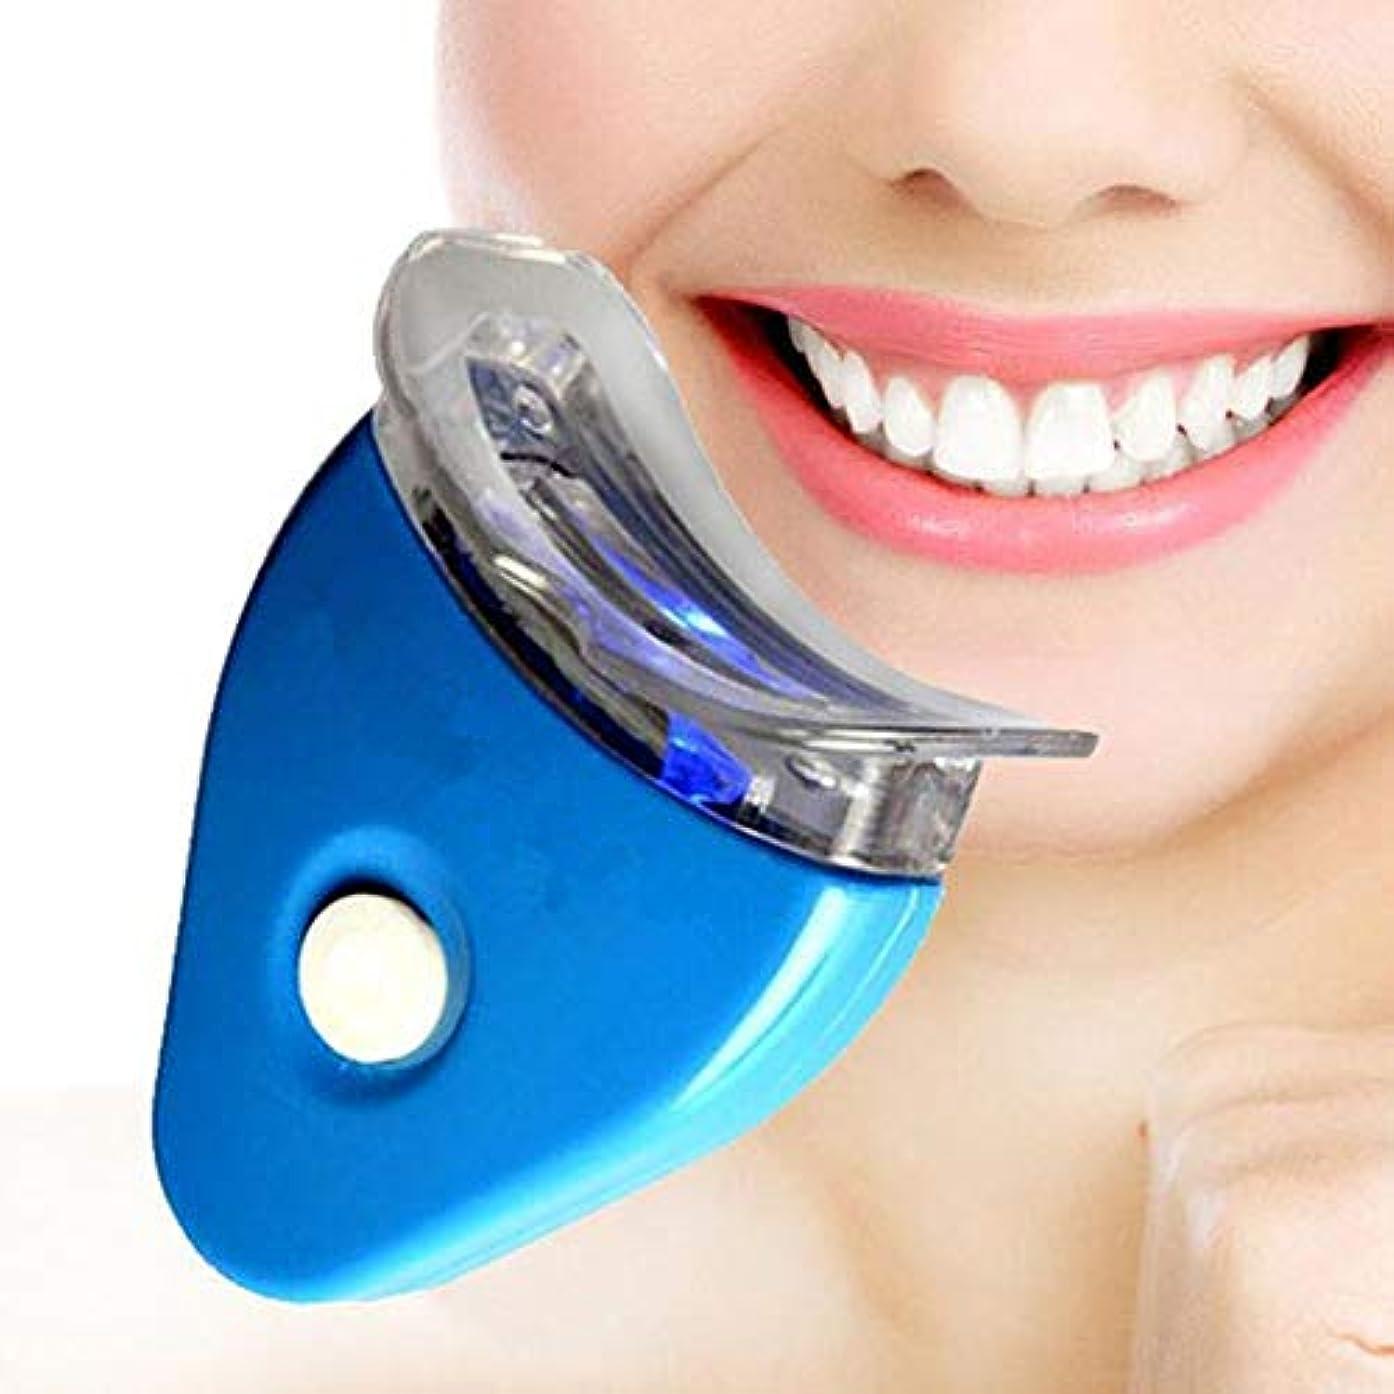 放置社会数学者歯のホワイトニングキット、歯磨き粉漂白健康な口腔ケア歯磨き粉個人用歯科キット/健康な口腔ケア、LEDライト付き